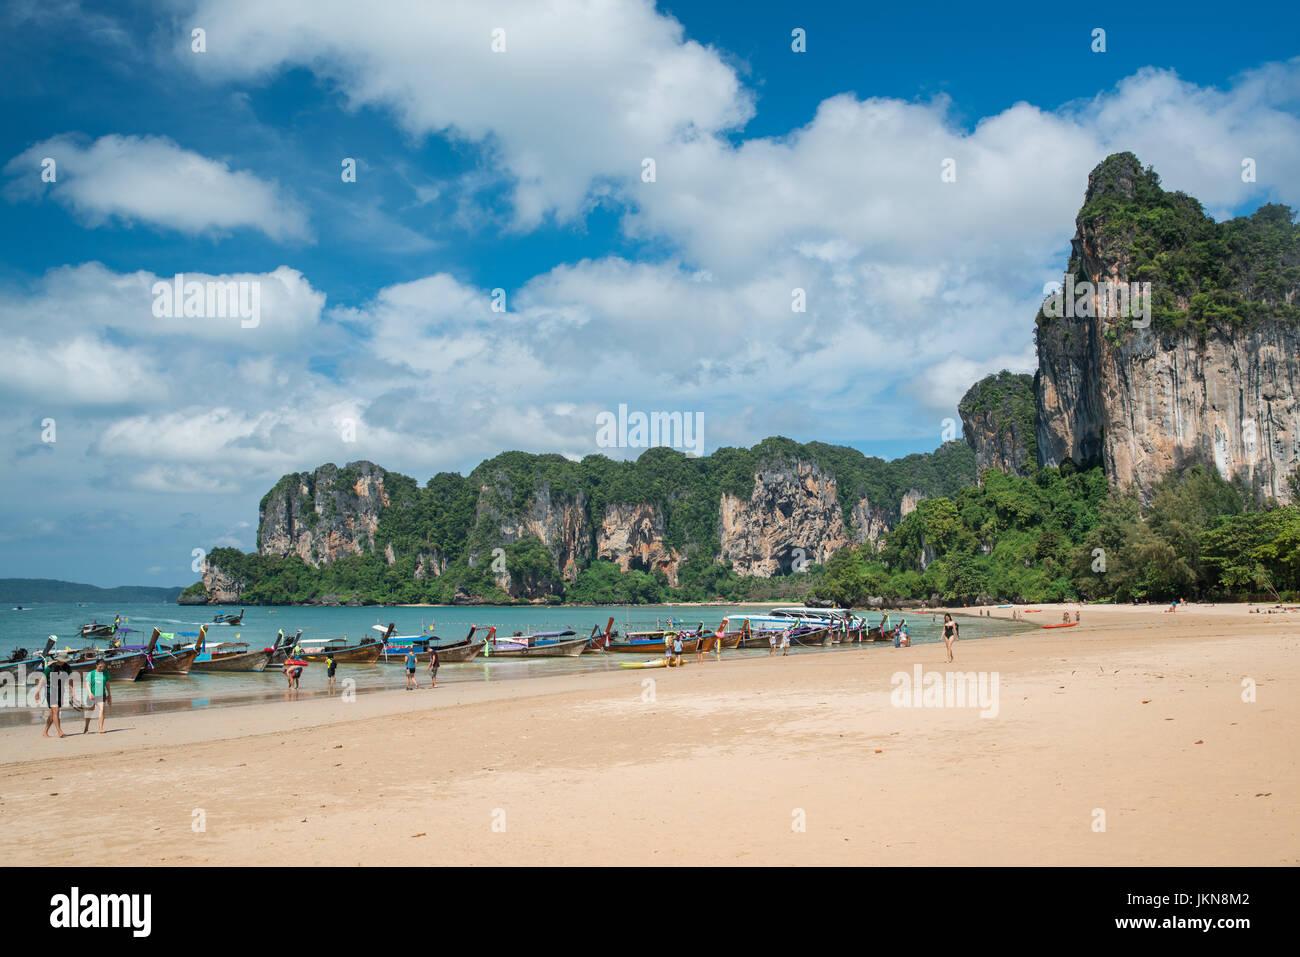 KRABI, THAÏLANDE - 5 décembre: bateaux à longue queue colorée Railay beach sur un fond Photo Stock